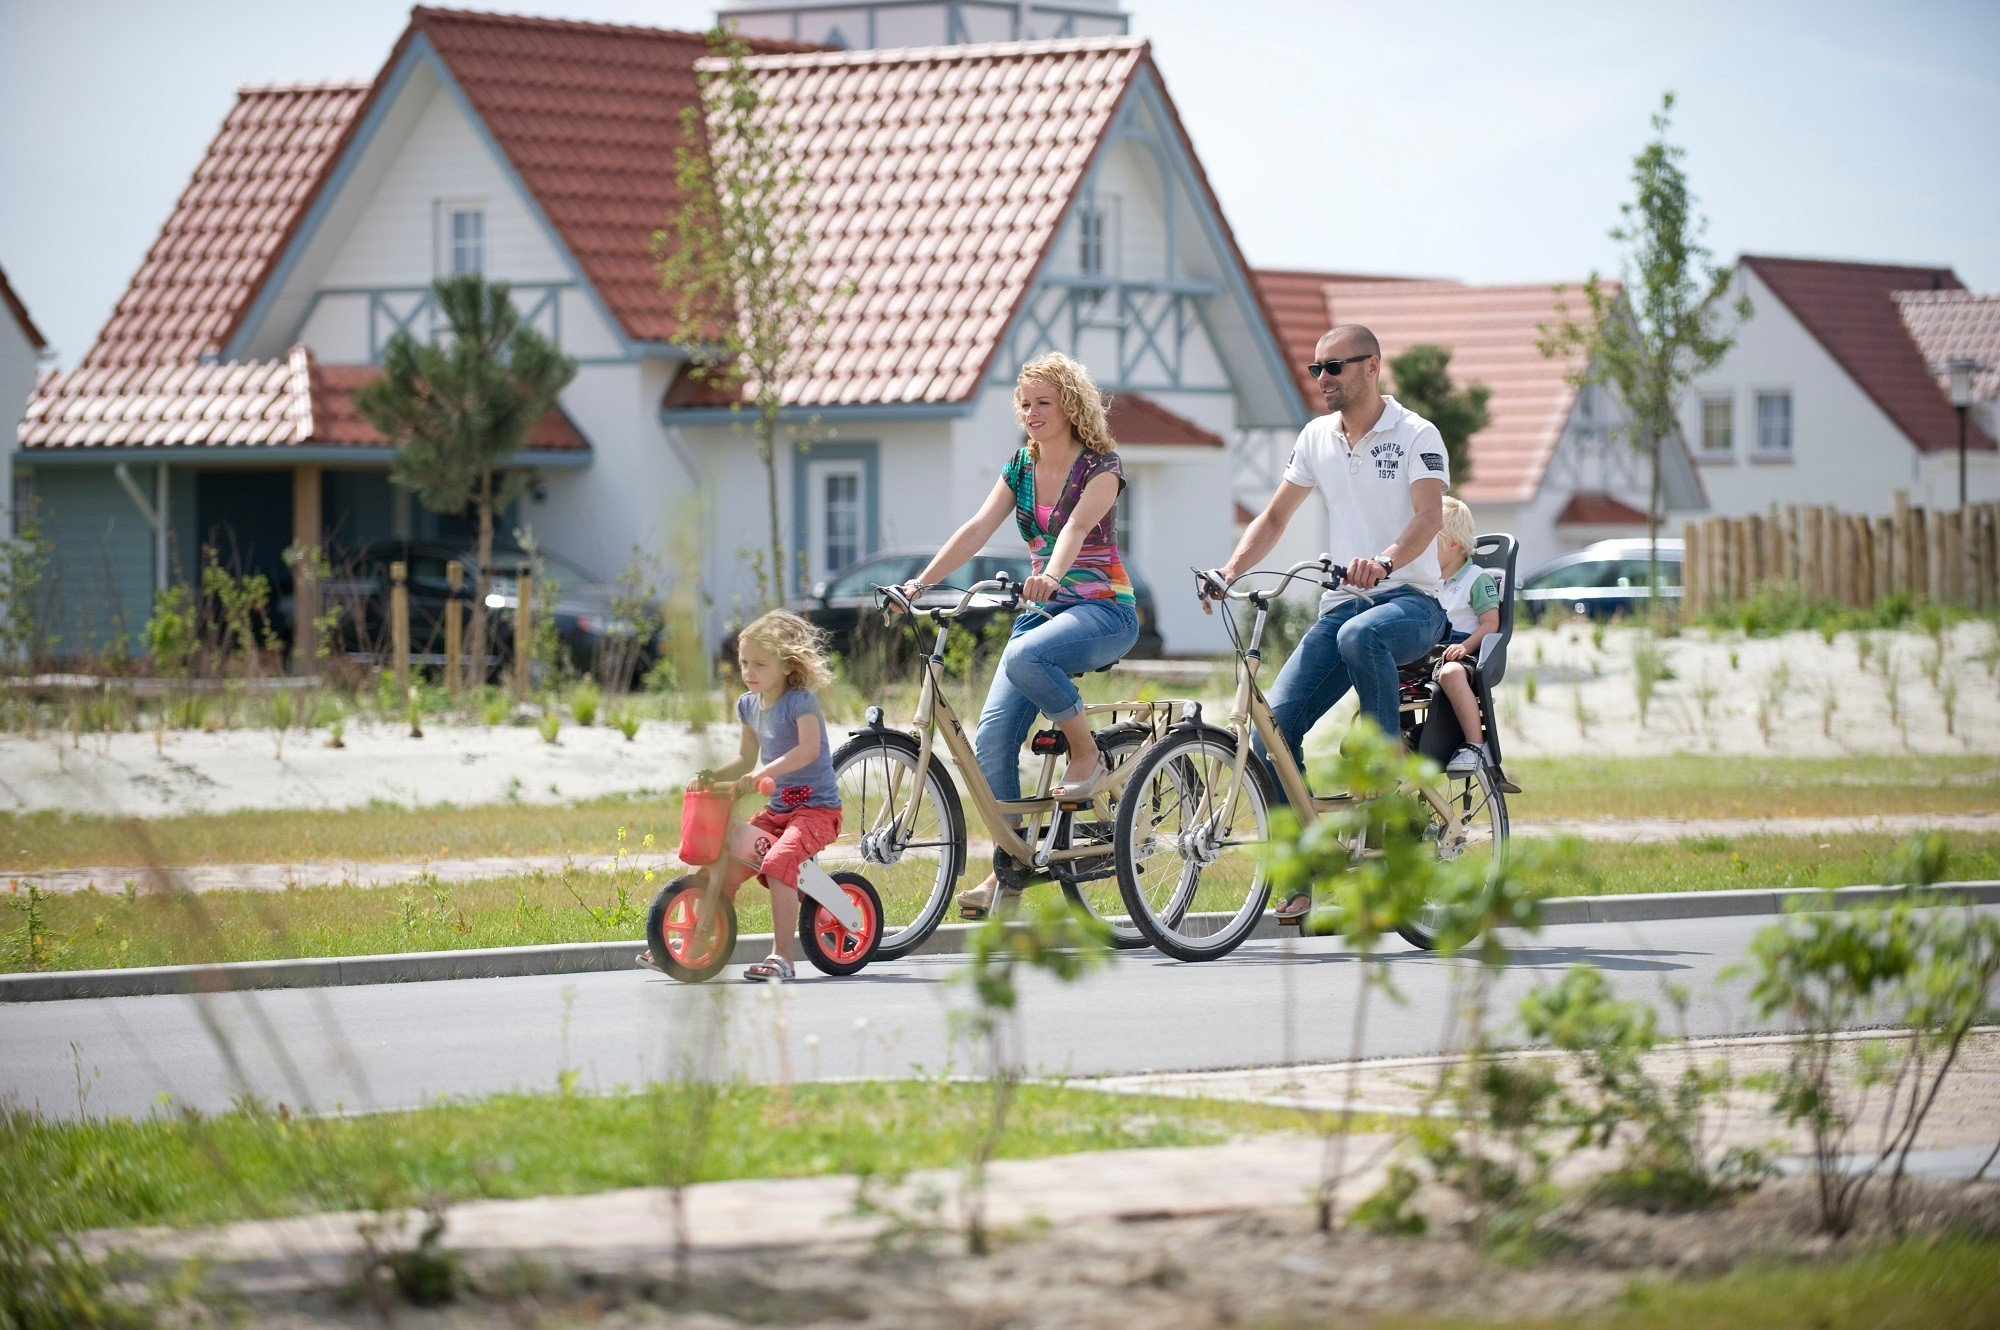 Dagaanbieding - Weekend, midweek of week Roompot Park in Zeeland bij het strand incl. verblijf in bungalow dagelijkse koopjes